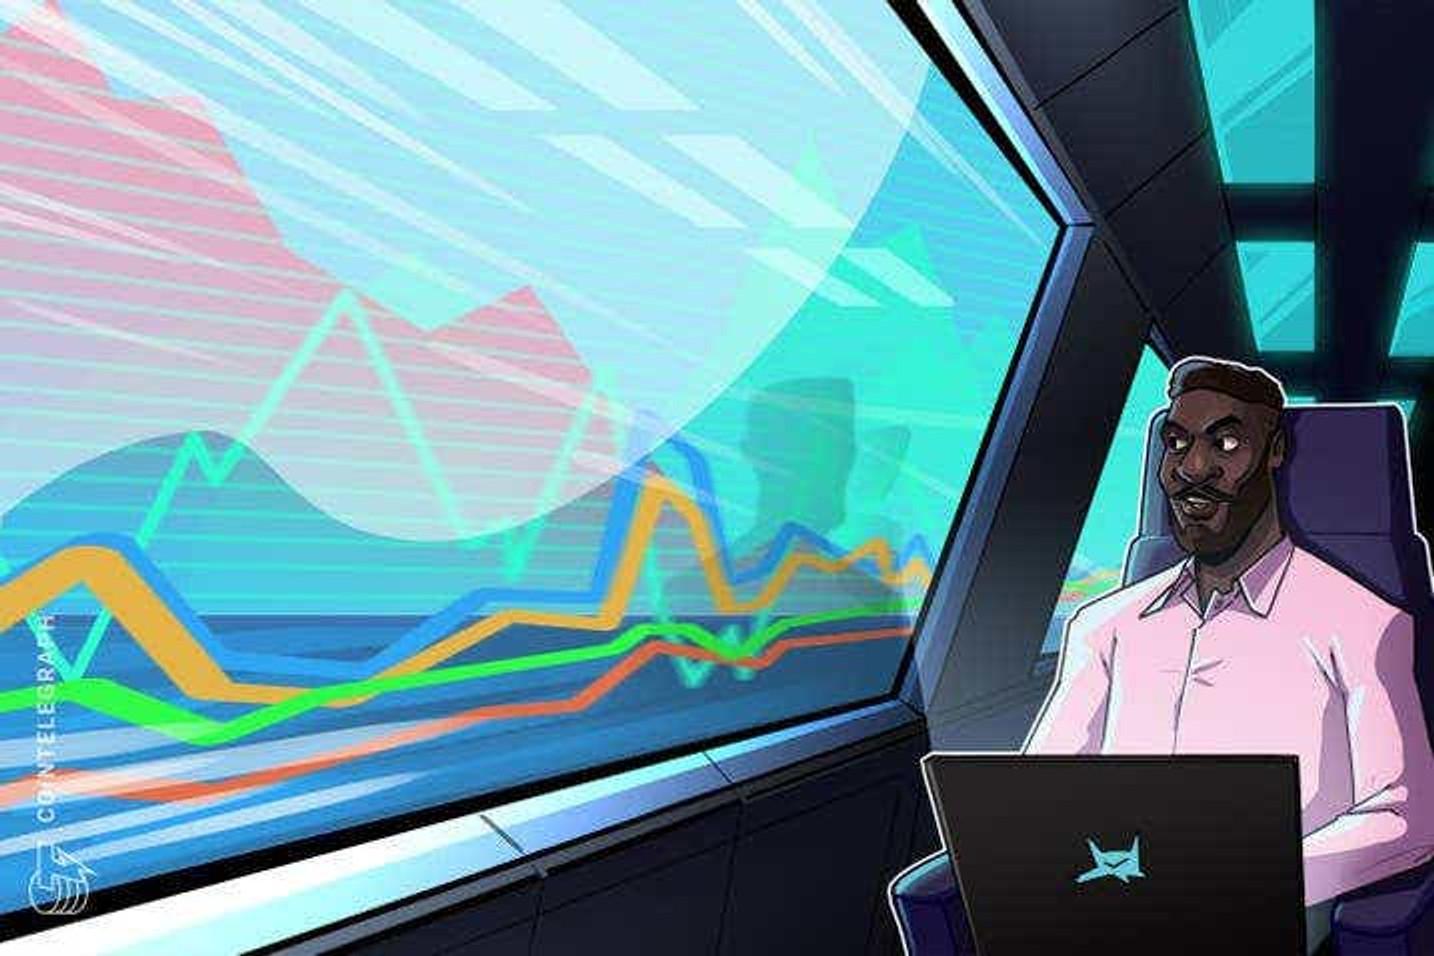 Shiba Inu e outras 4 criptomoedas que valorizaram até 260% em uma semana